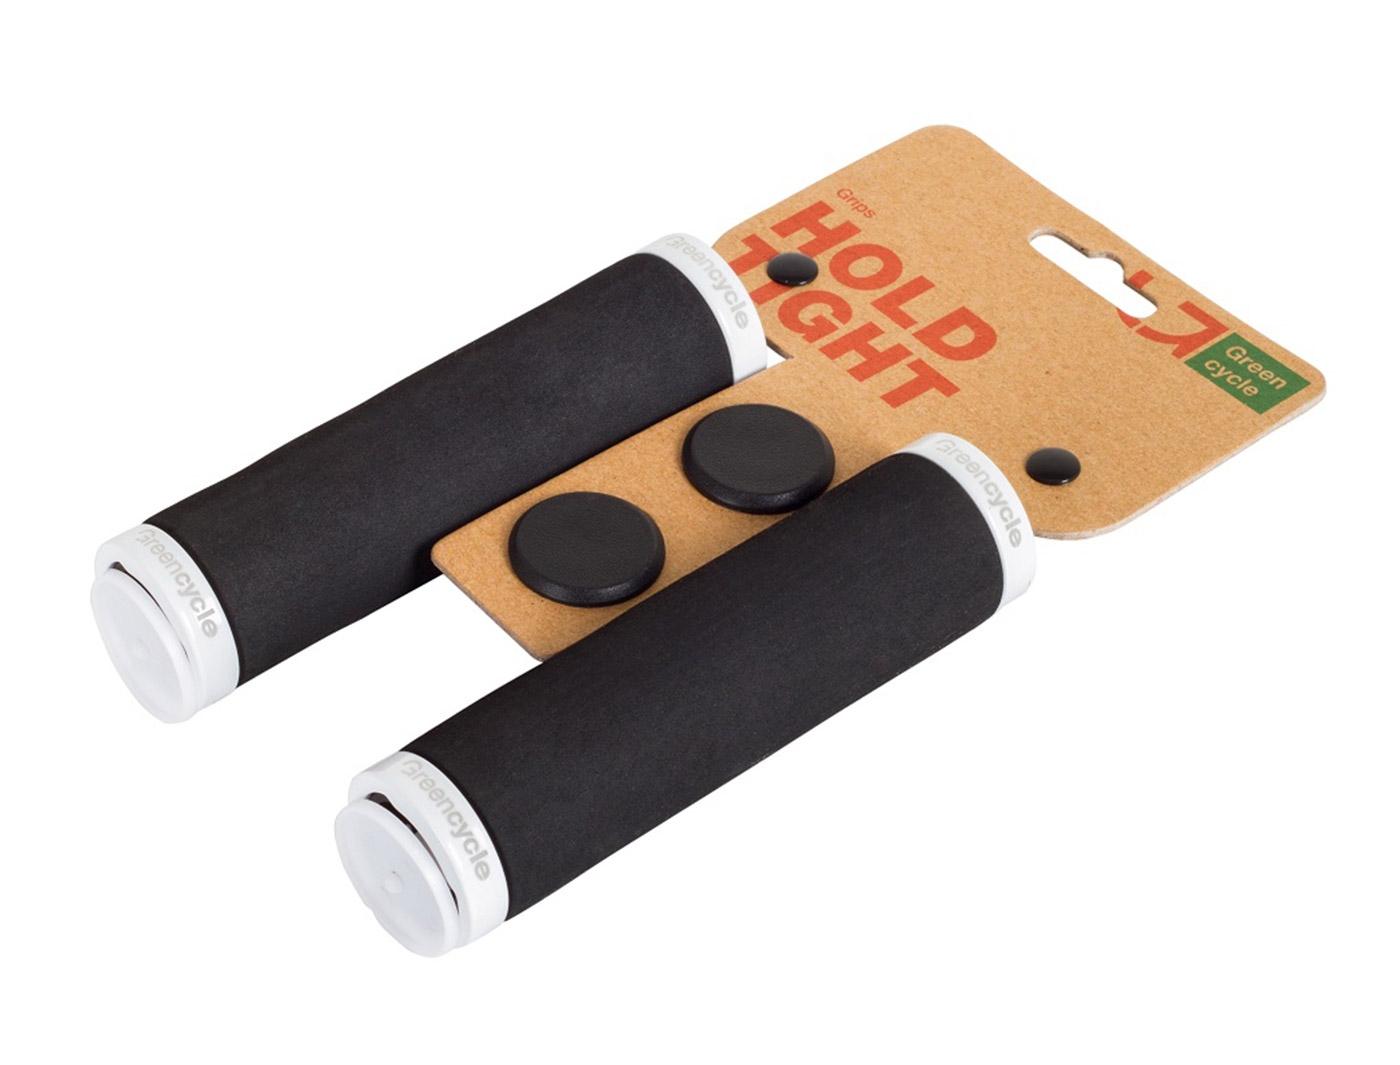 Грипсы Green Cycle GC-G222 130mm вспененная резина, черные с двумя белыми замками